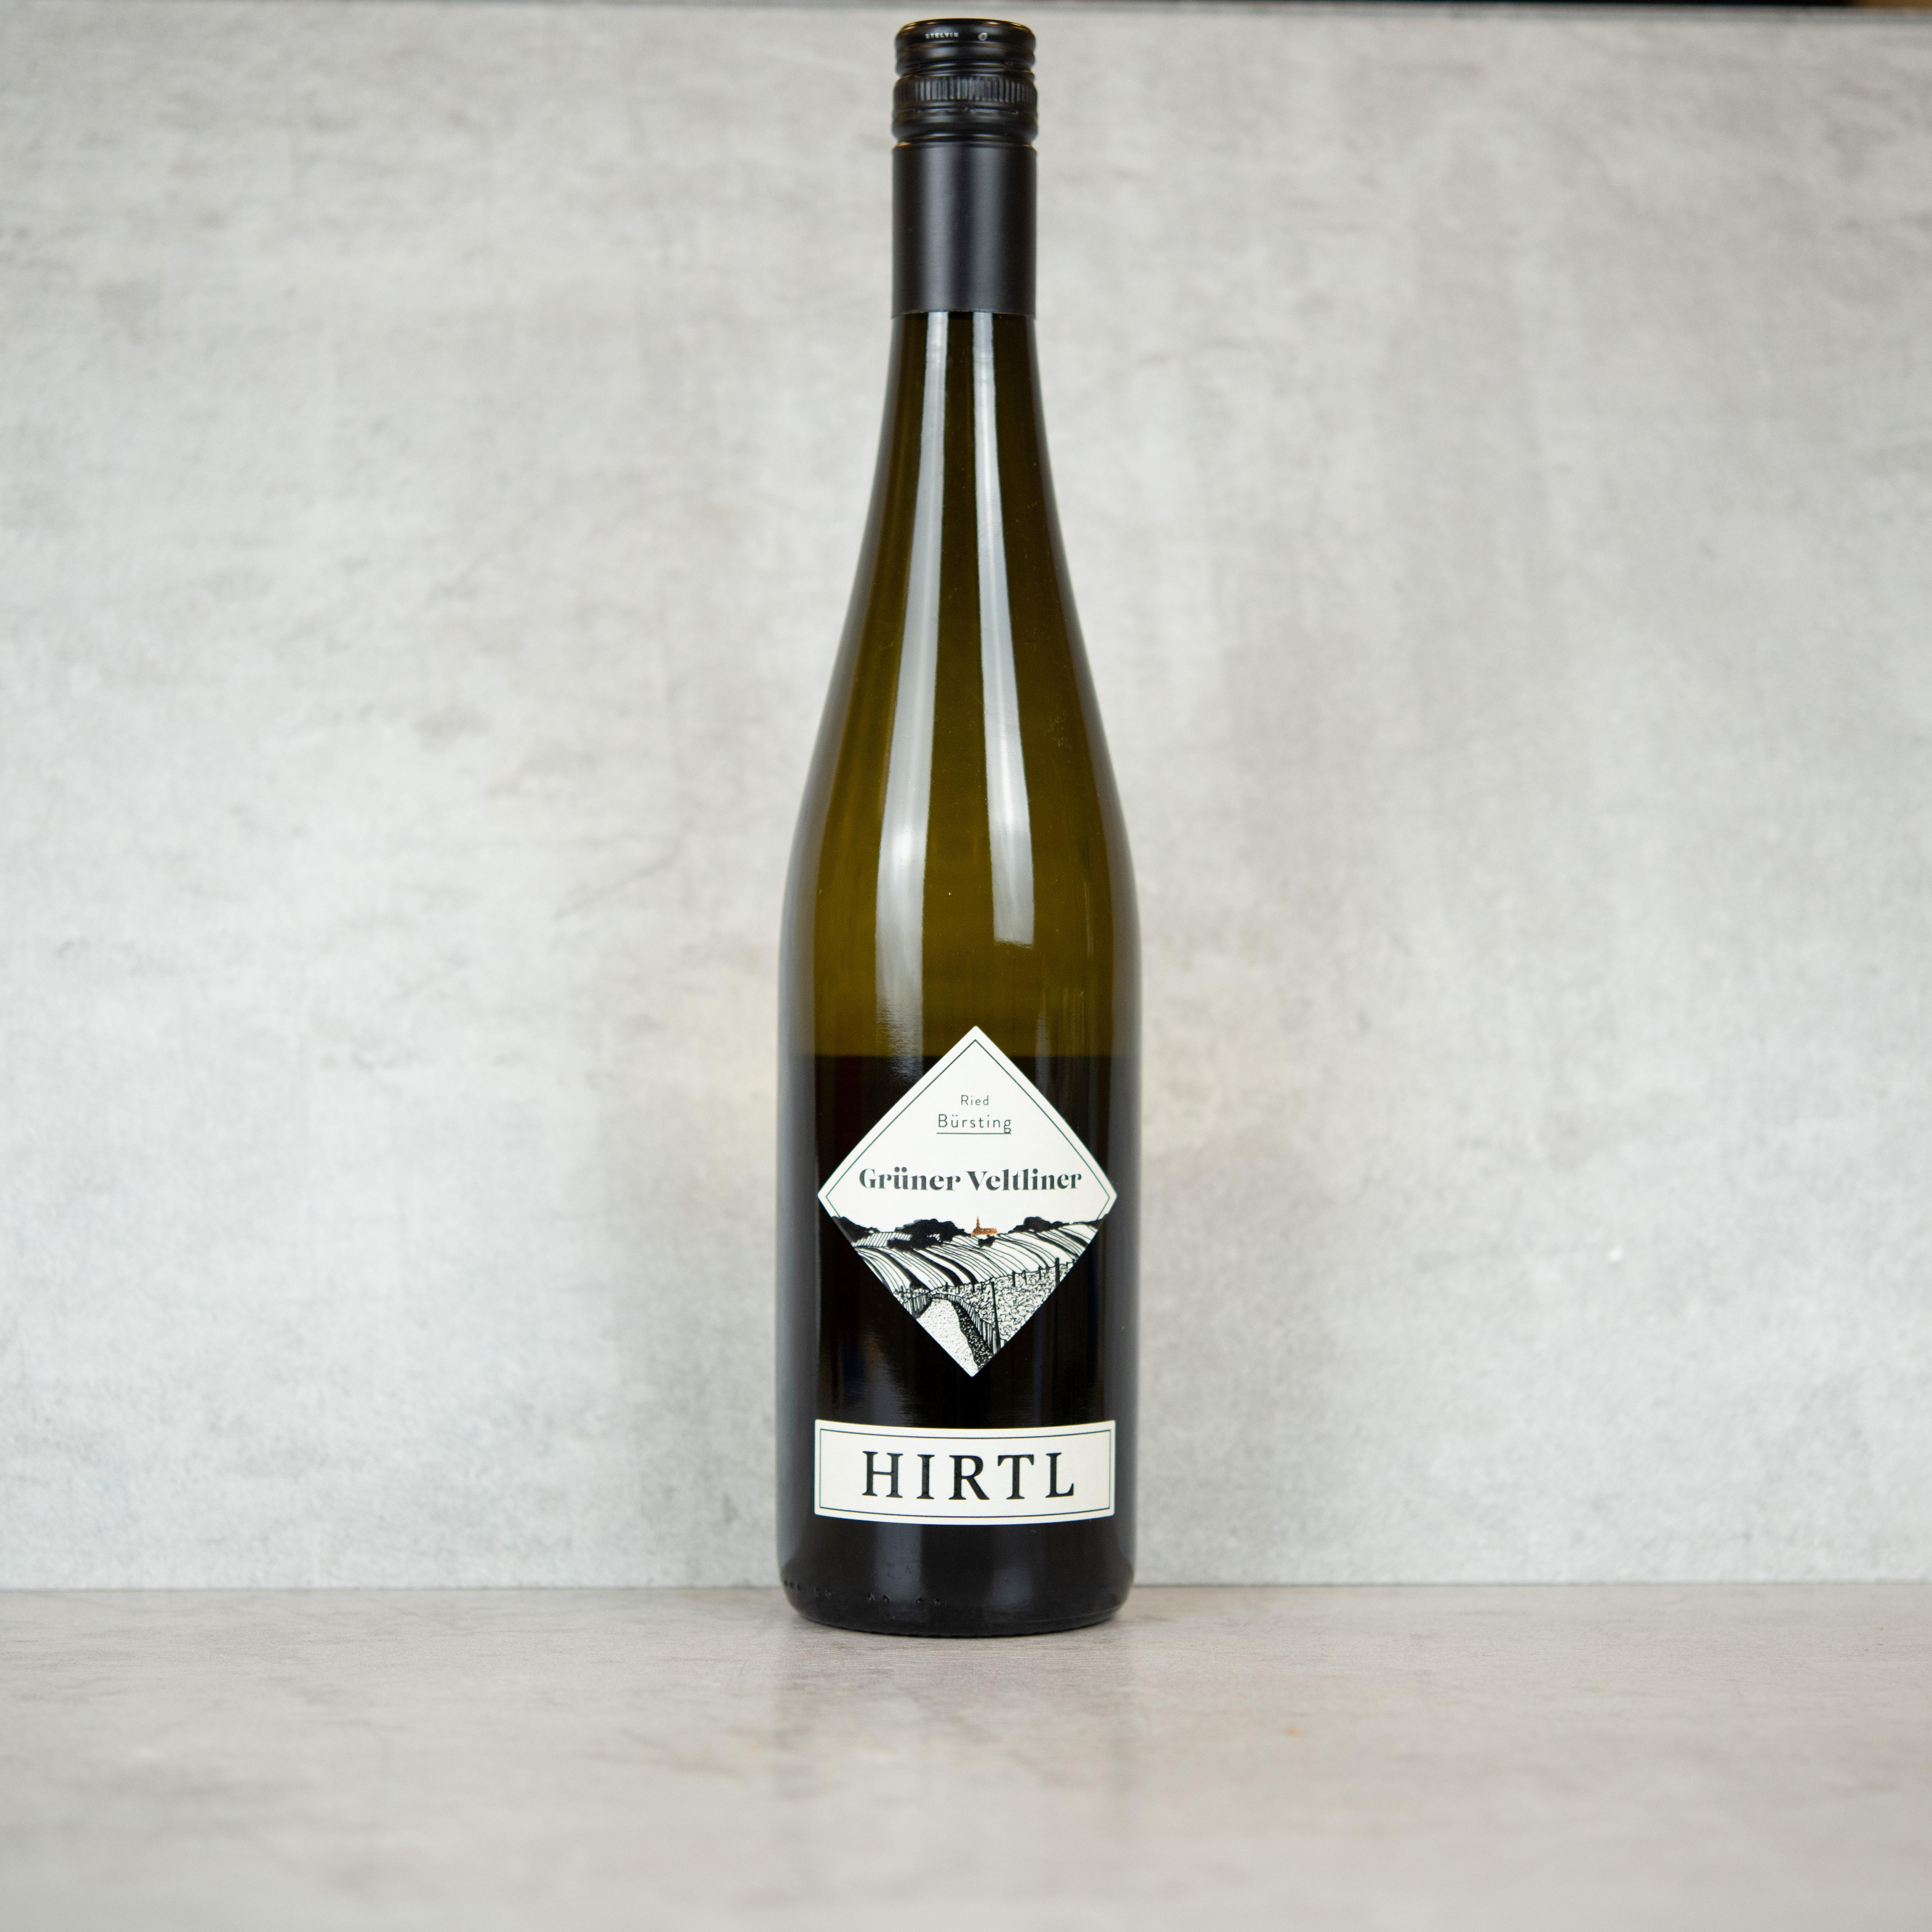 mh20-gruener-veltliner-ried-buersting-hirtl-2019-075-liter-flasche-markthalle20-1